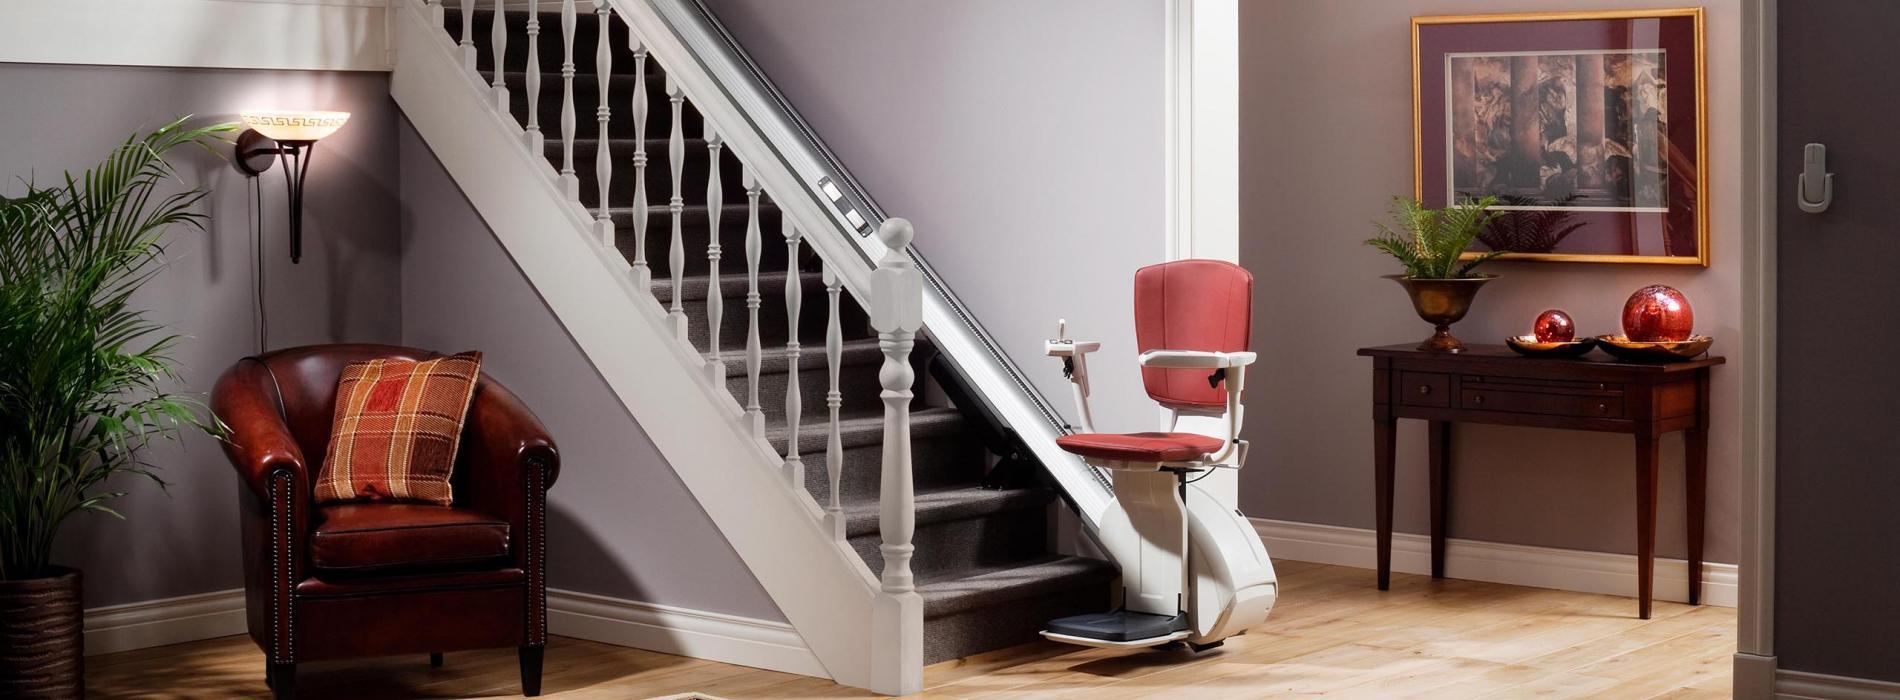 monte escalier recrutement